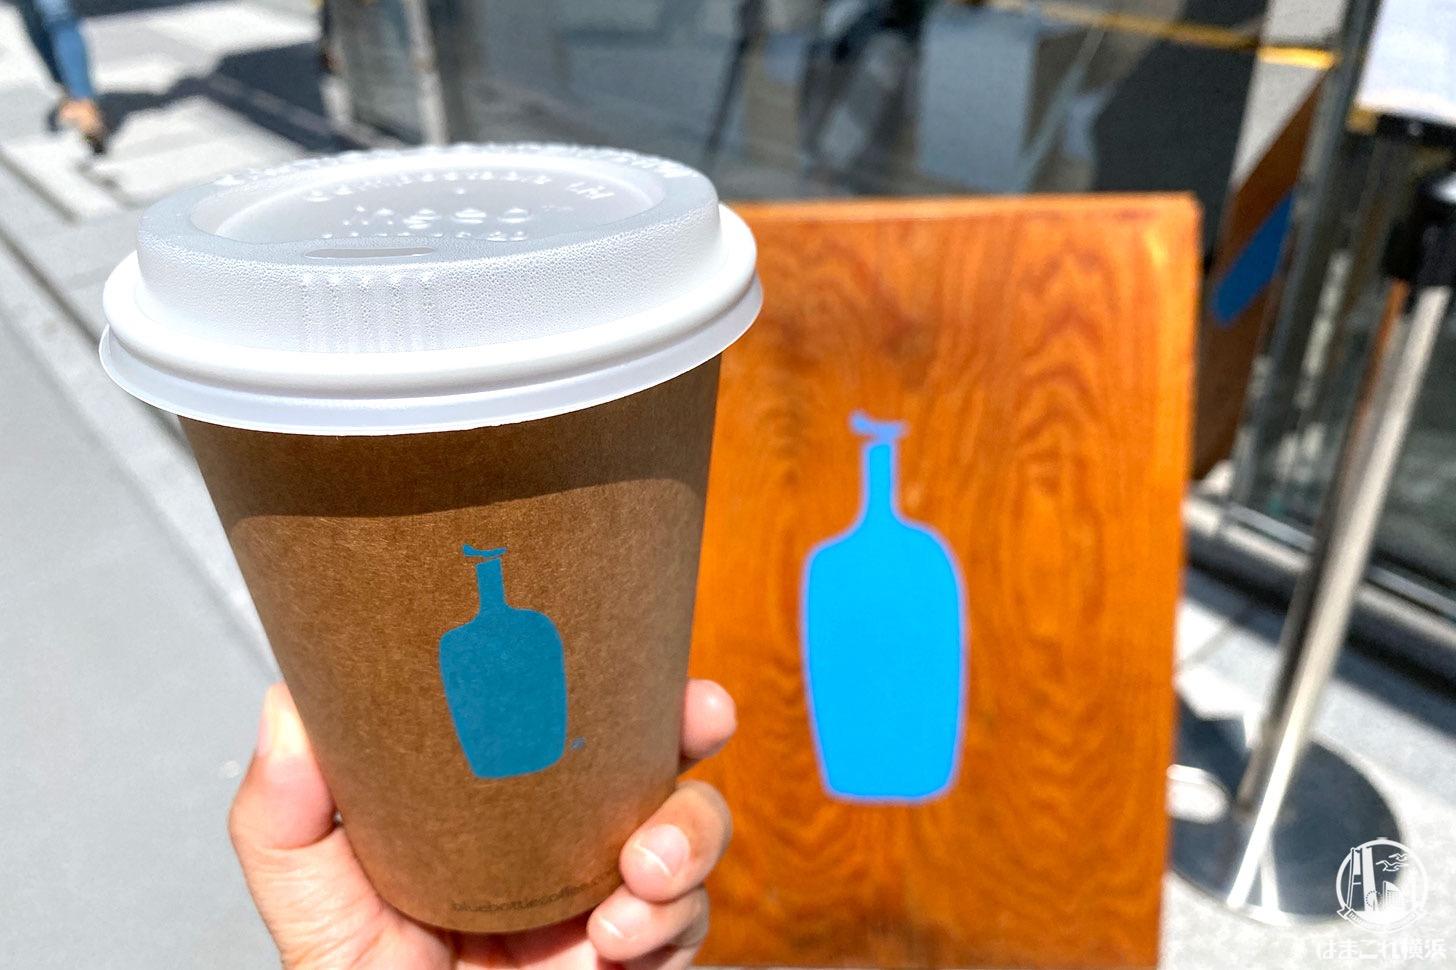 ブルーボトルコーヒー 横浜で初体験!テイクアウトでハンドドリップコーヒー